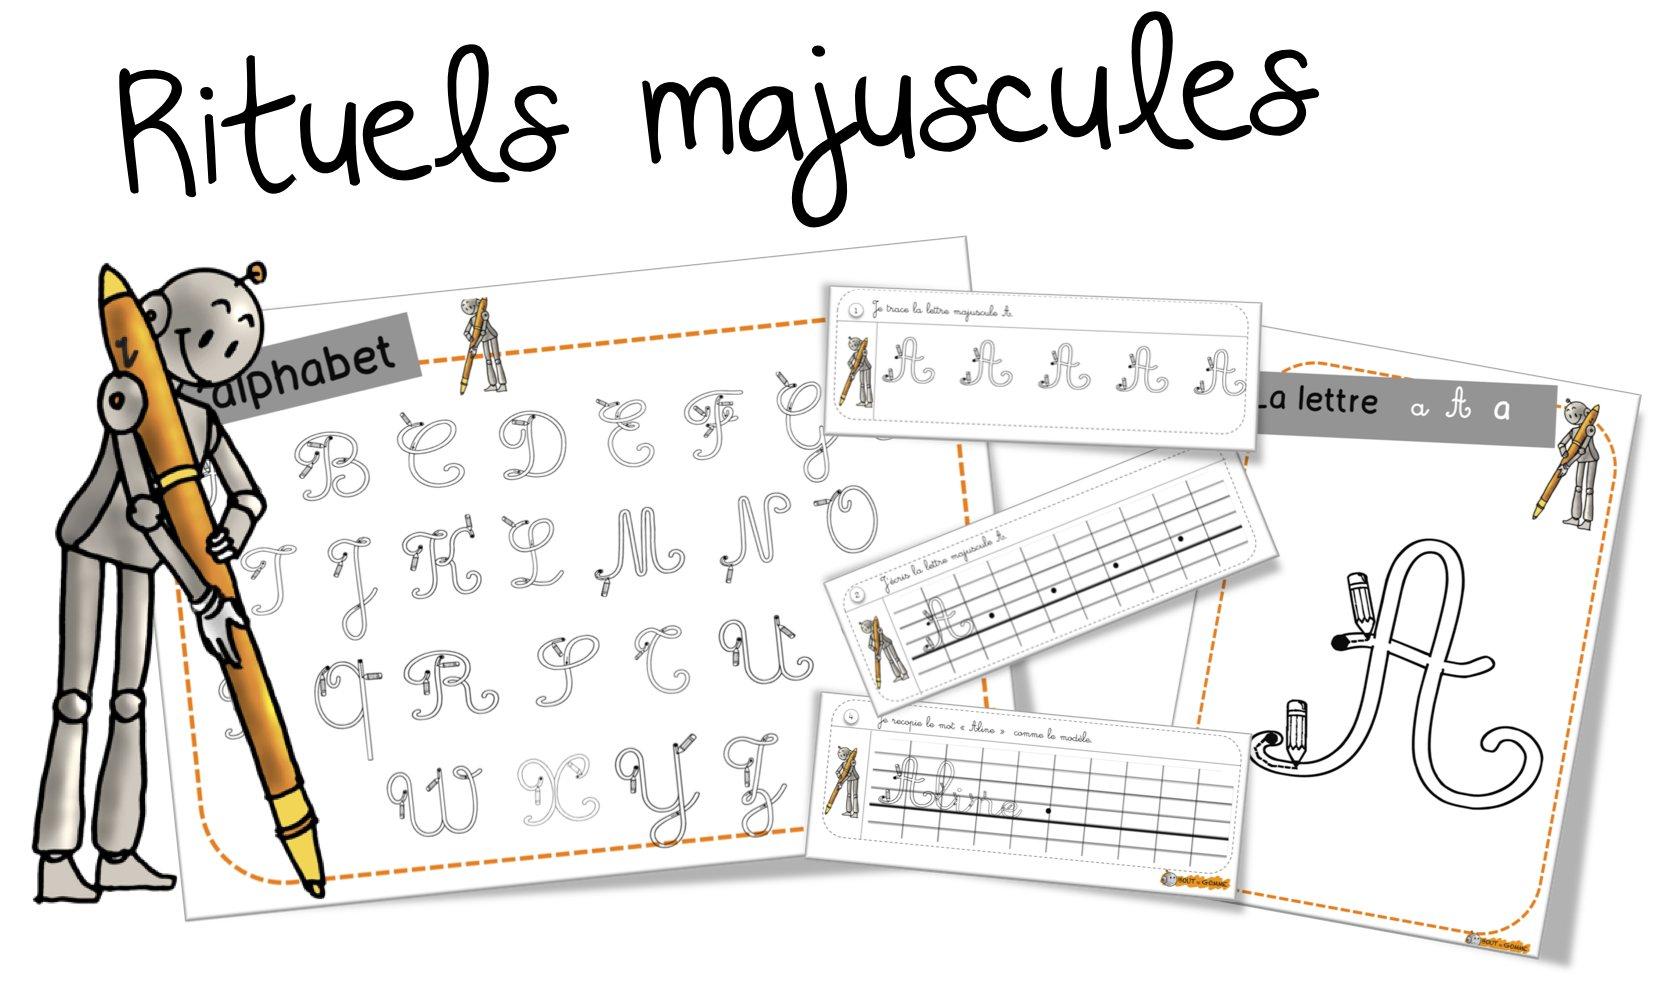 rituels cp et ce1 ecriture les rituels criture majuscule - Lettre Majuscule A Imprimer